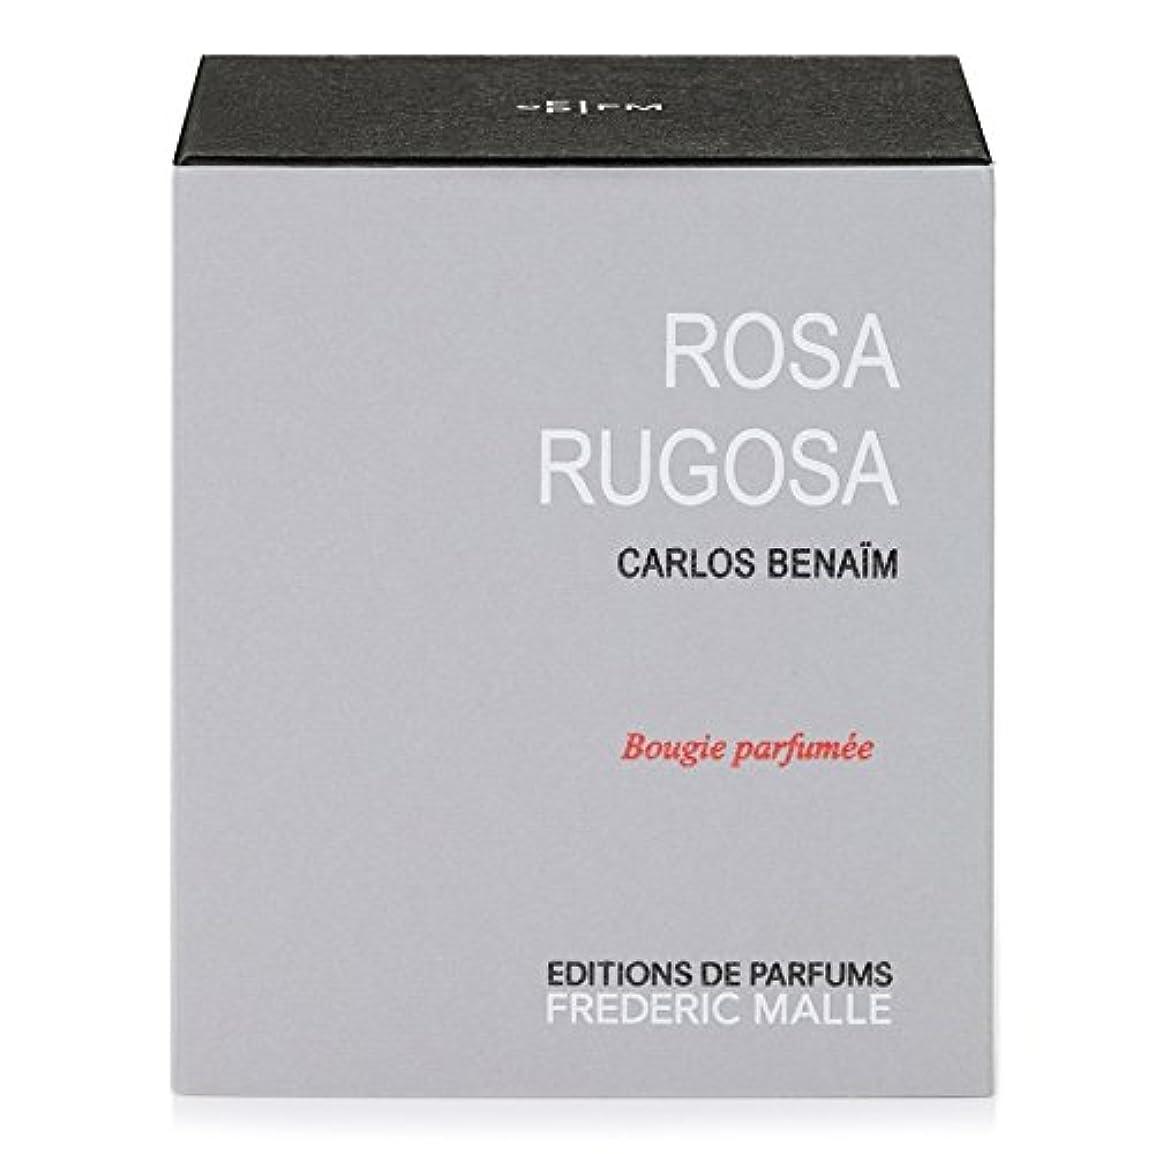 詩人せっかちブラザーフレデリック?マルハマナスの香りのキャンドル x6 - Frederic Malle Rosa Rugosa Scented Candle (Pack of 6) [並行輸入品]